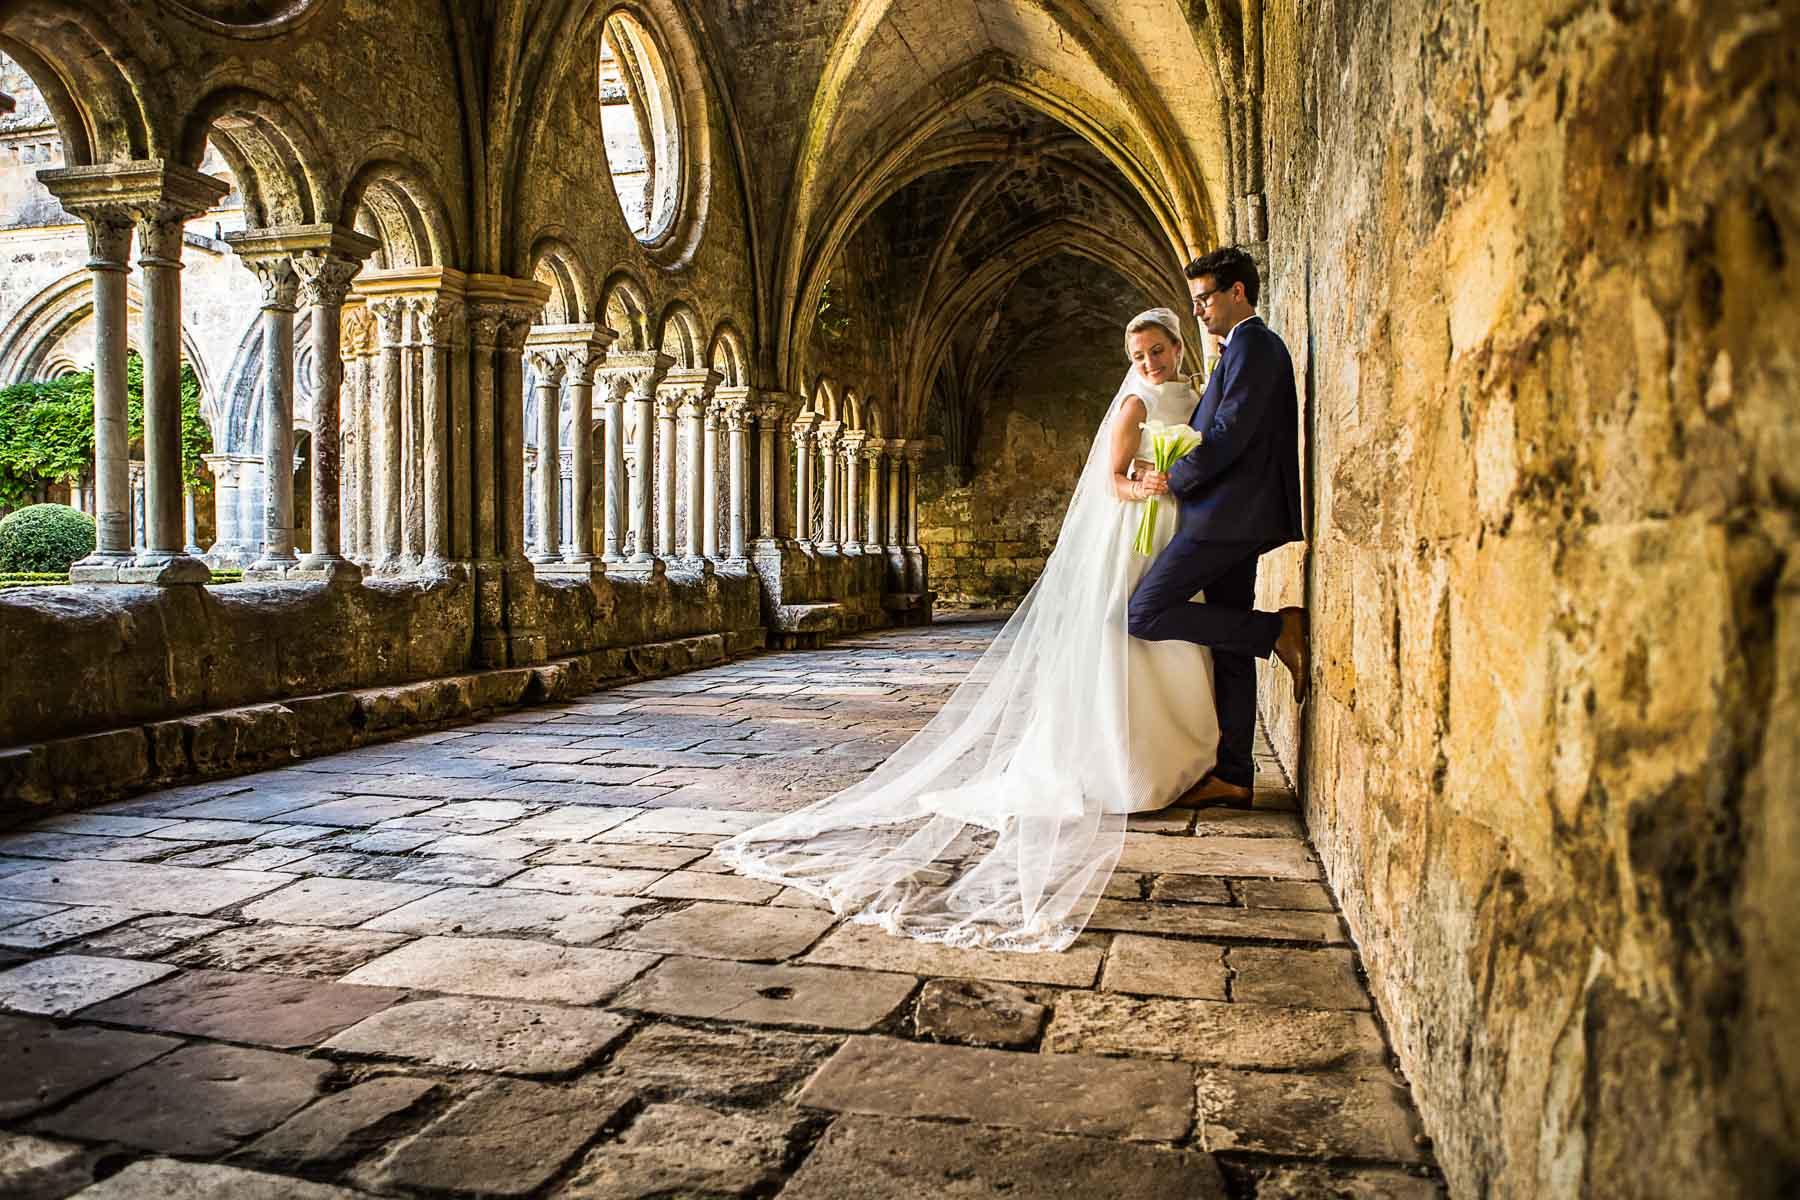 photographe-couple-mariage-carcassonne-31